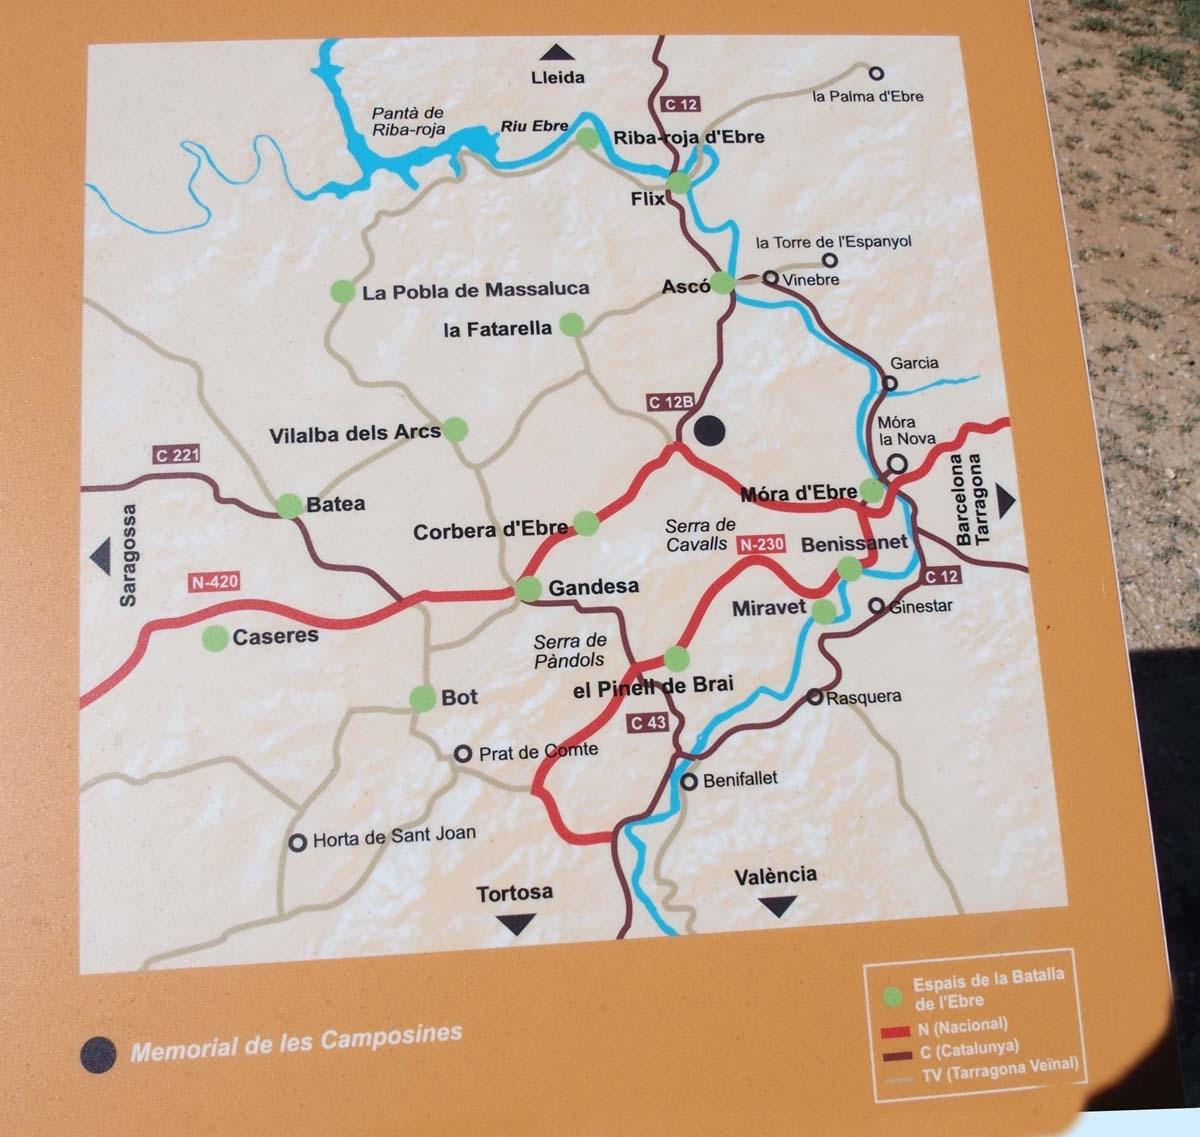 Les Camposines – La Fatarella - Informació que figura als plafons informatius que hi ha en aquest lloc